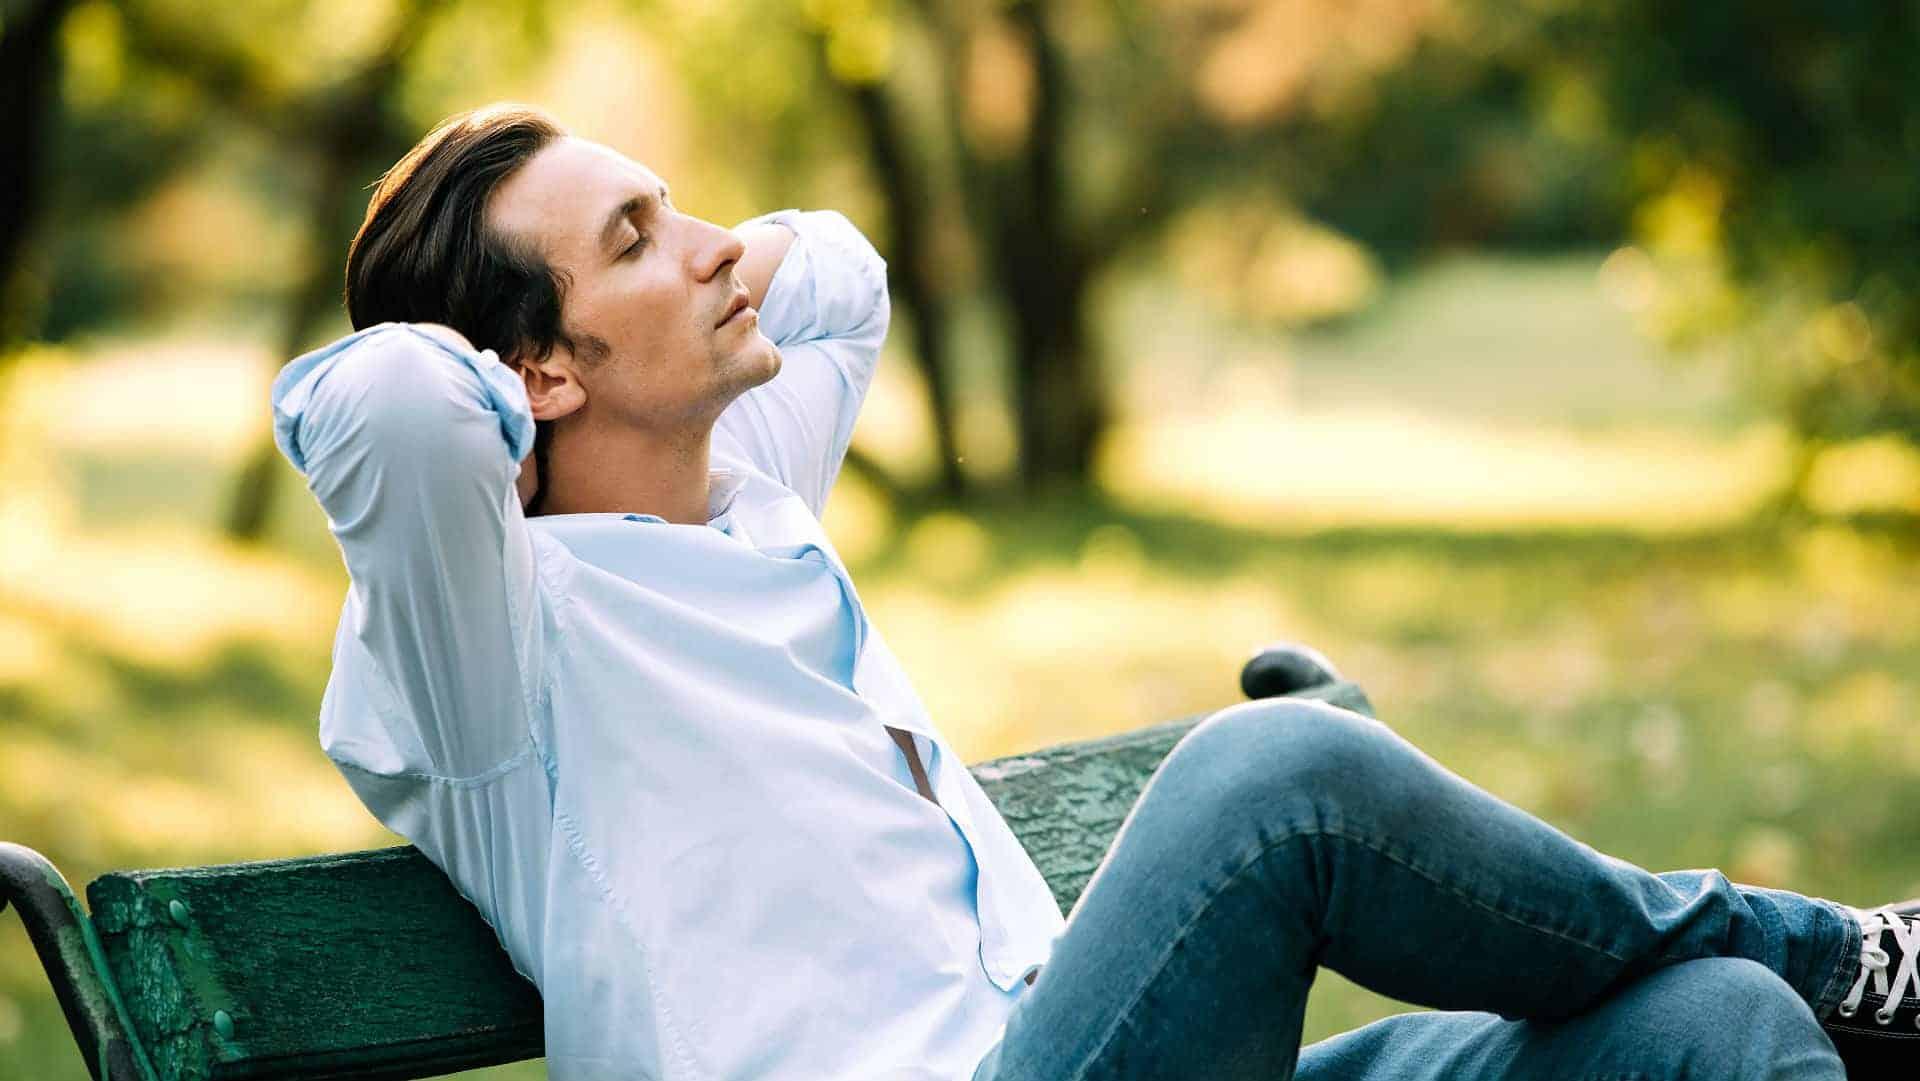 En grön kvart om dagenräcker för att öka ditt välmående, visar forskning. Foto: Shutterstock.